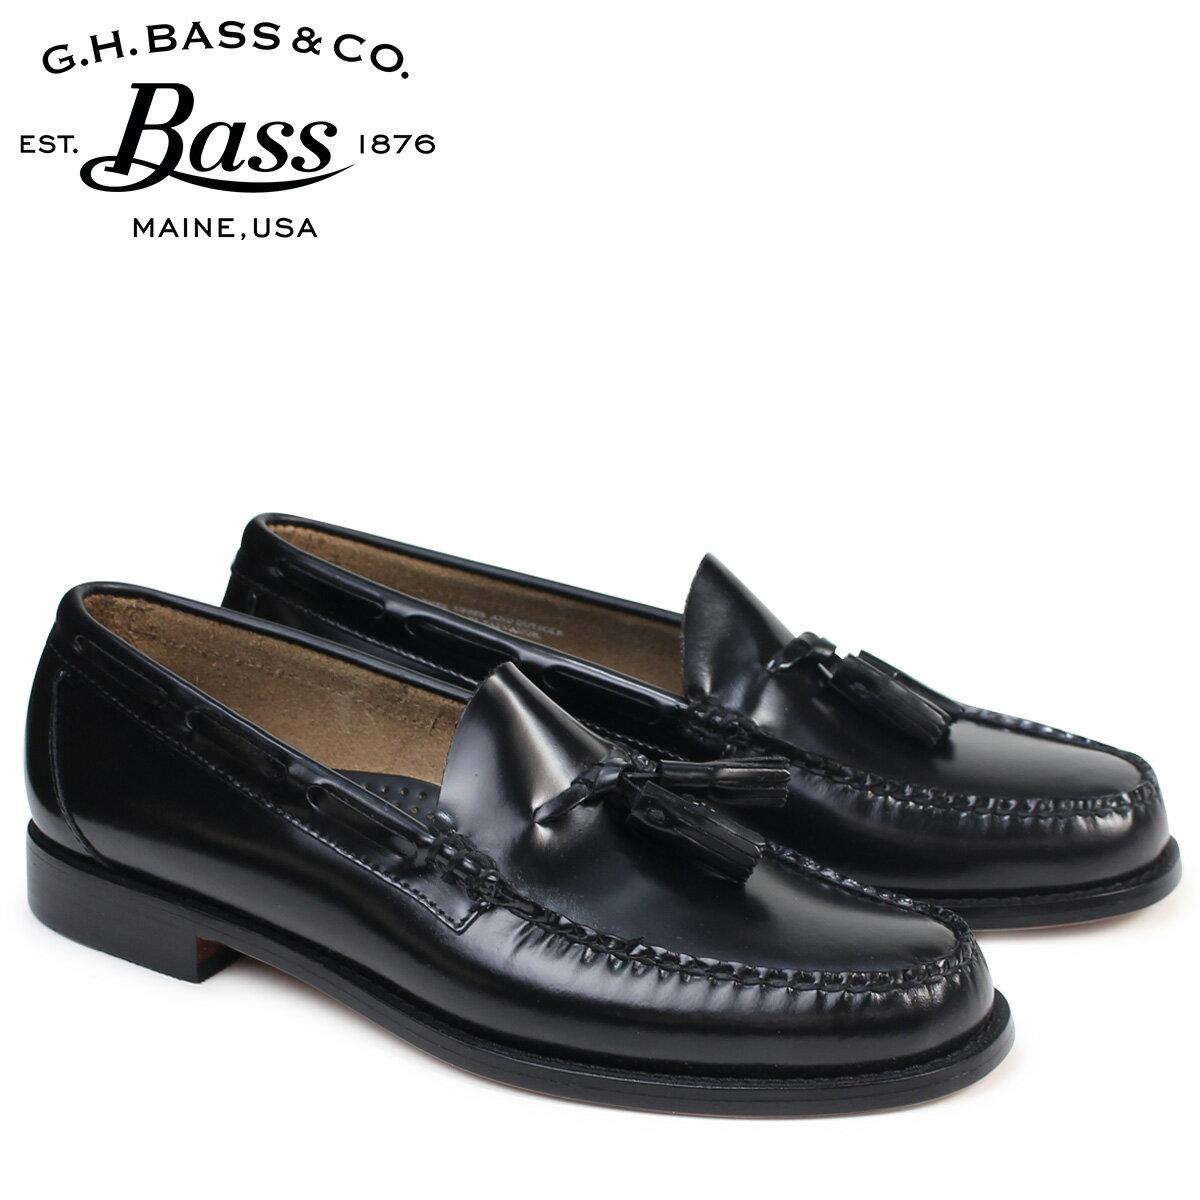 G.H. BASS LEXINGTON TASSEL WEEJUNS 70-10904 ジーエイチバス ローファー メンズ ペニー タッセル 靴 ブラック